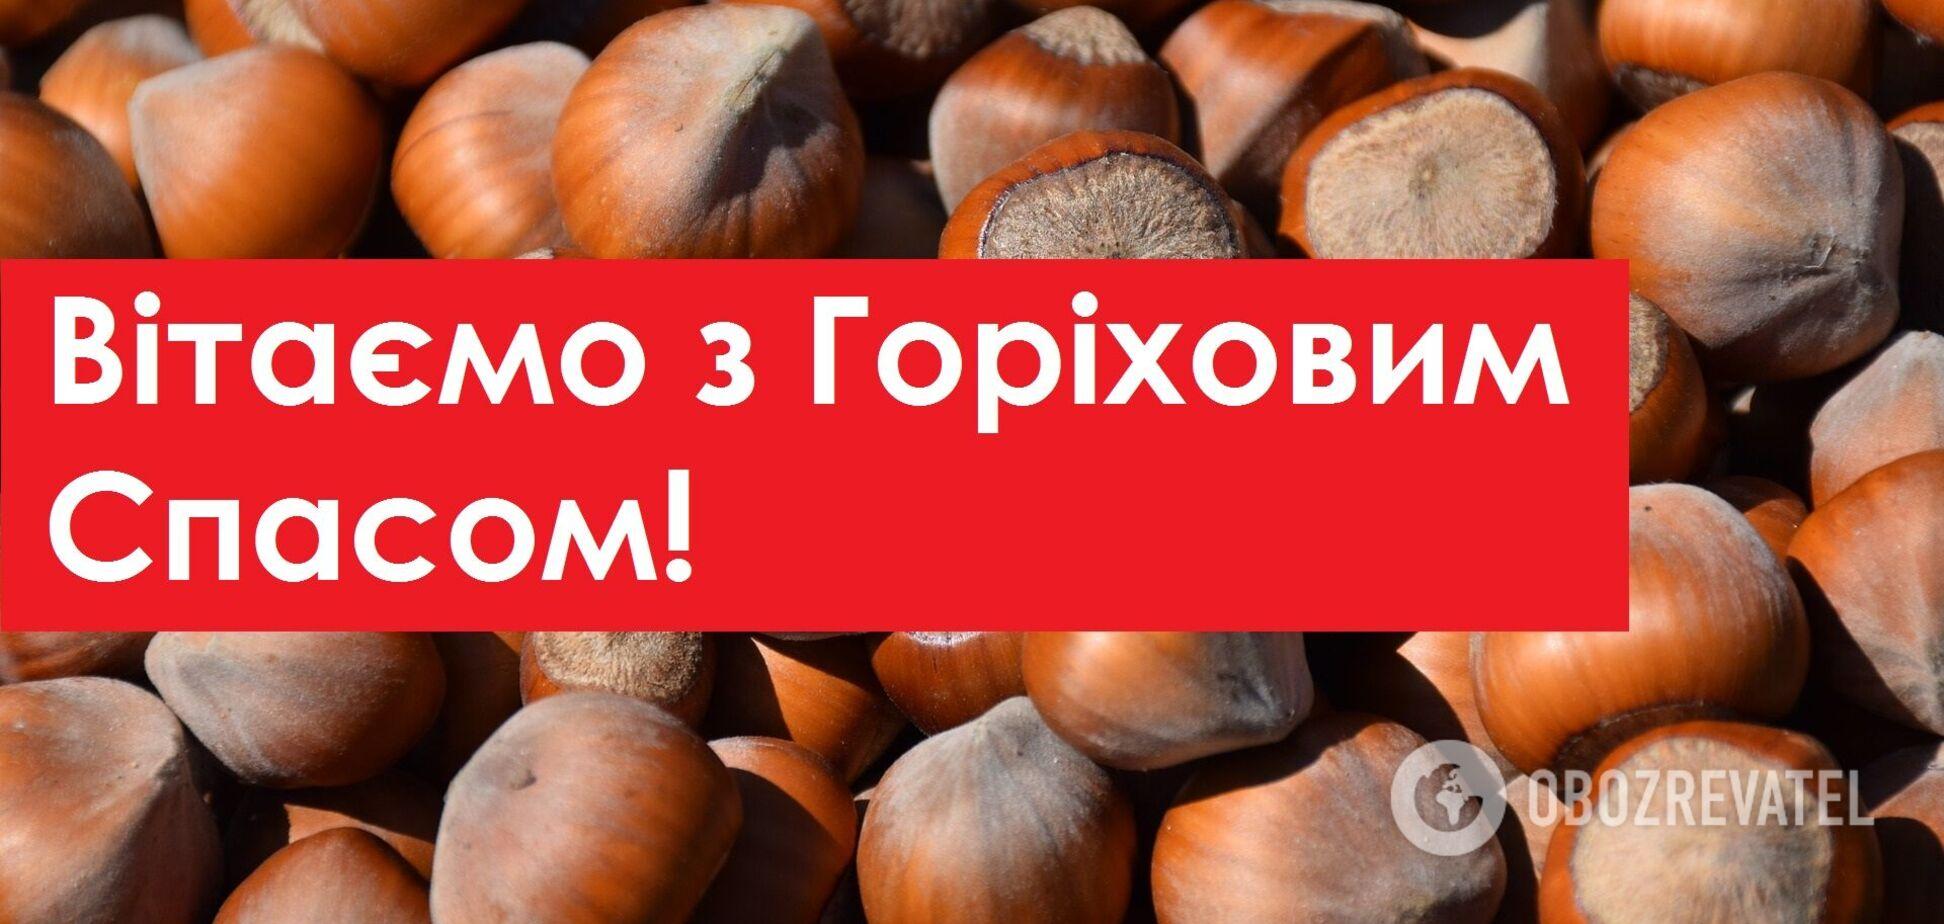 Ореховый Спас празднуют 29 августа